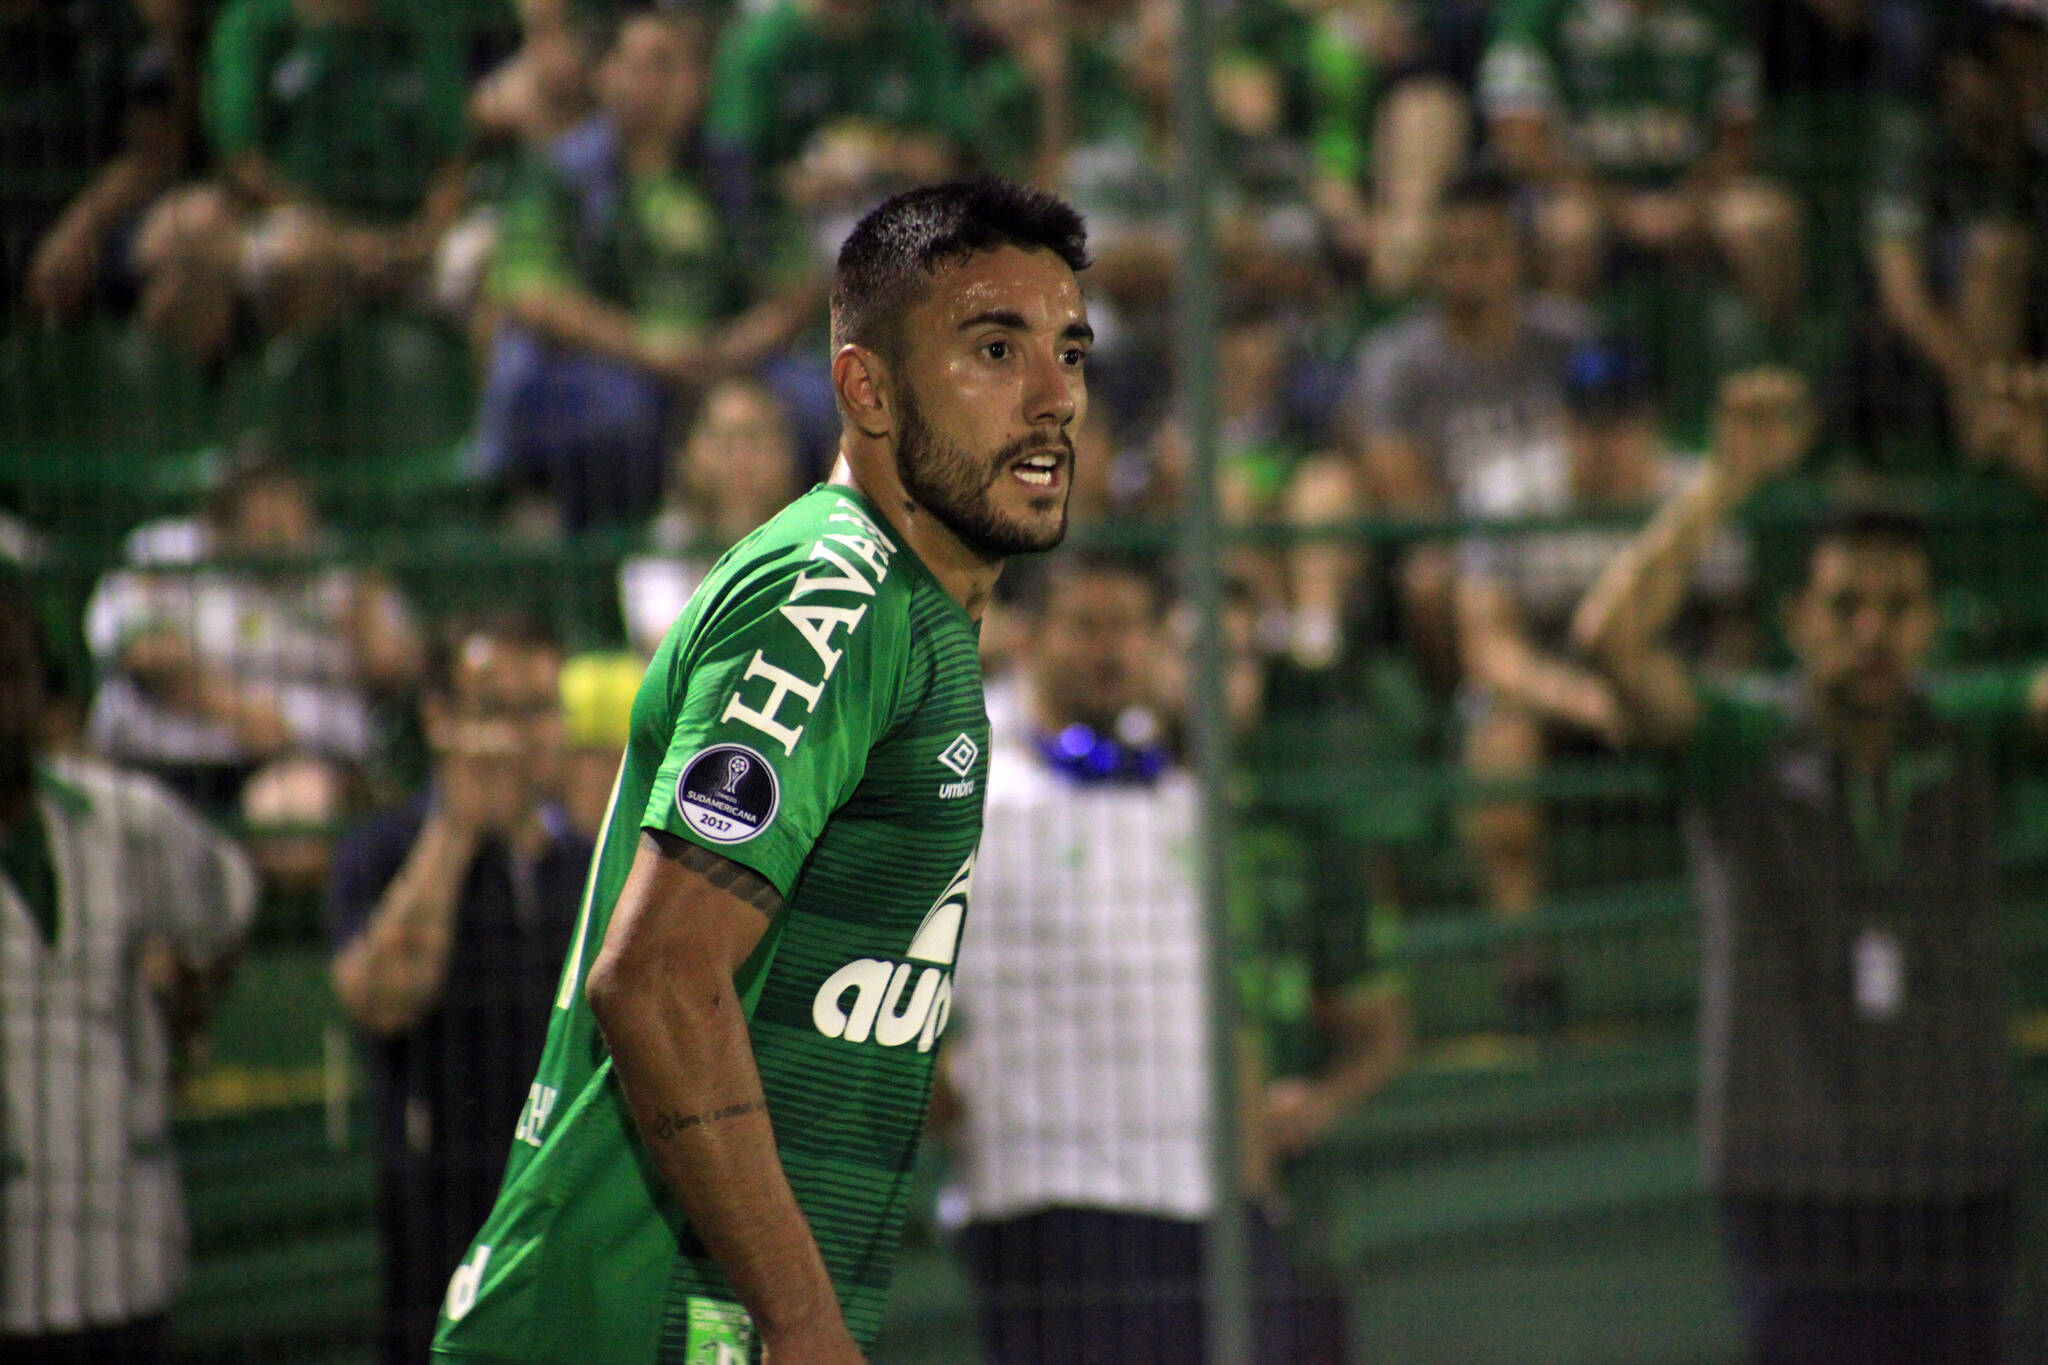 Foto: Rafael Bressan/Chapecoense